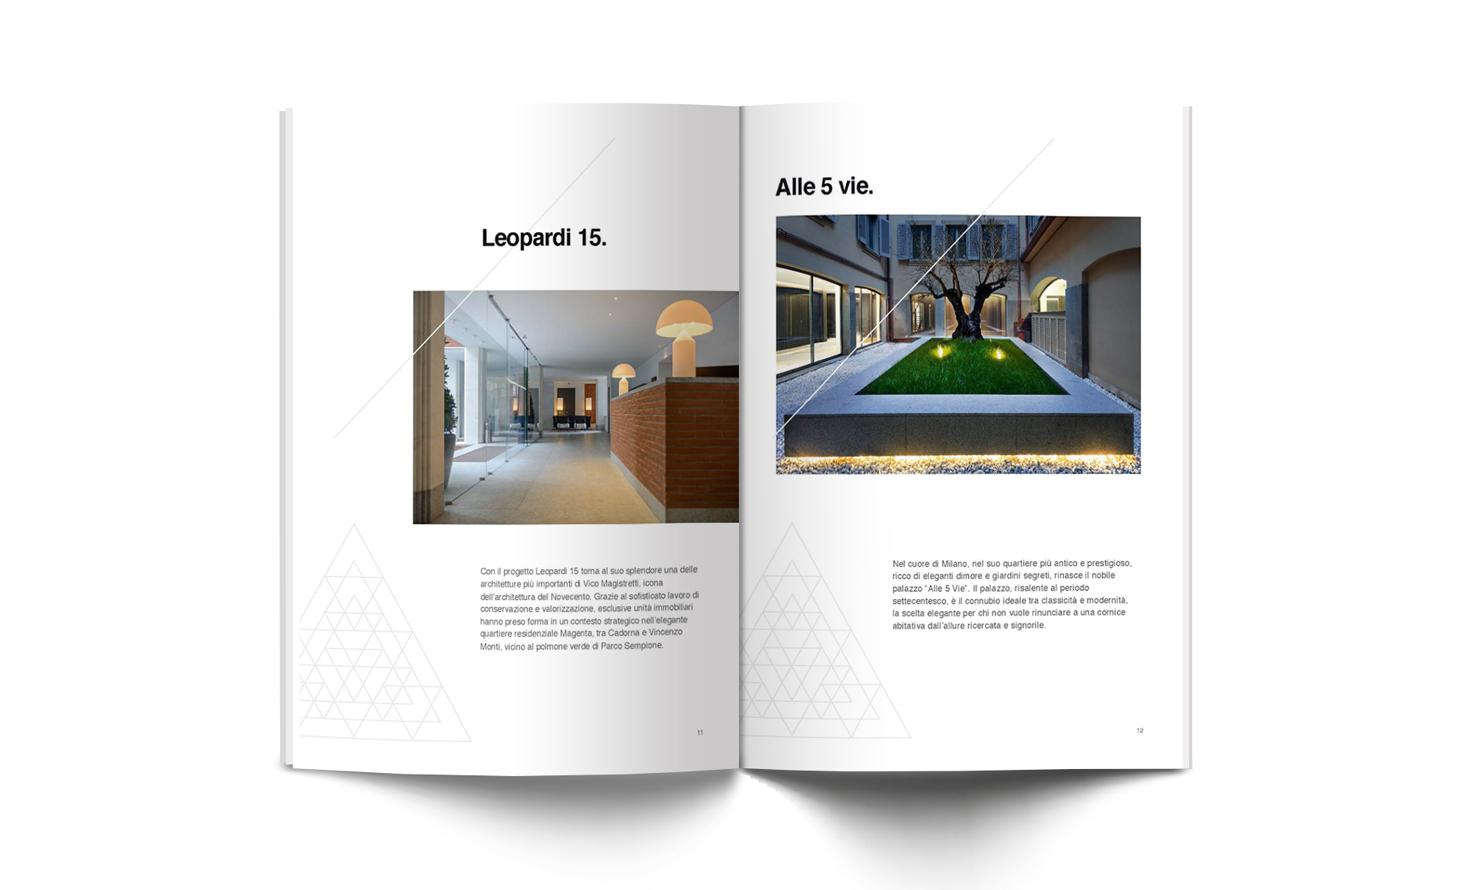 https://www.kubelibre.com/uploads/Slider-work-tutti-clienti/residenze-porta-nuova-agency-il-nostro-nome-dice-molto-di-noi-5.jpg